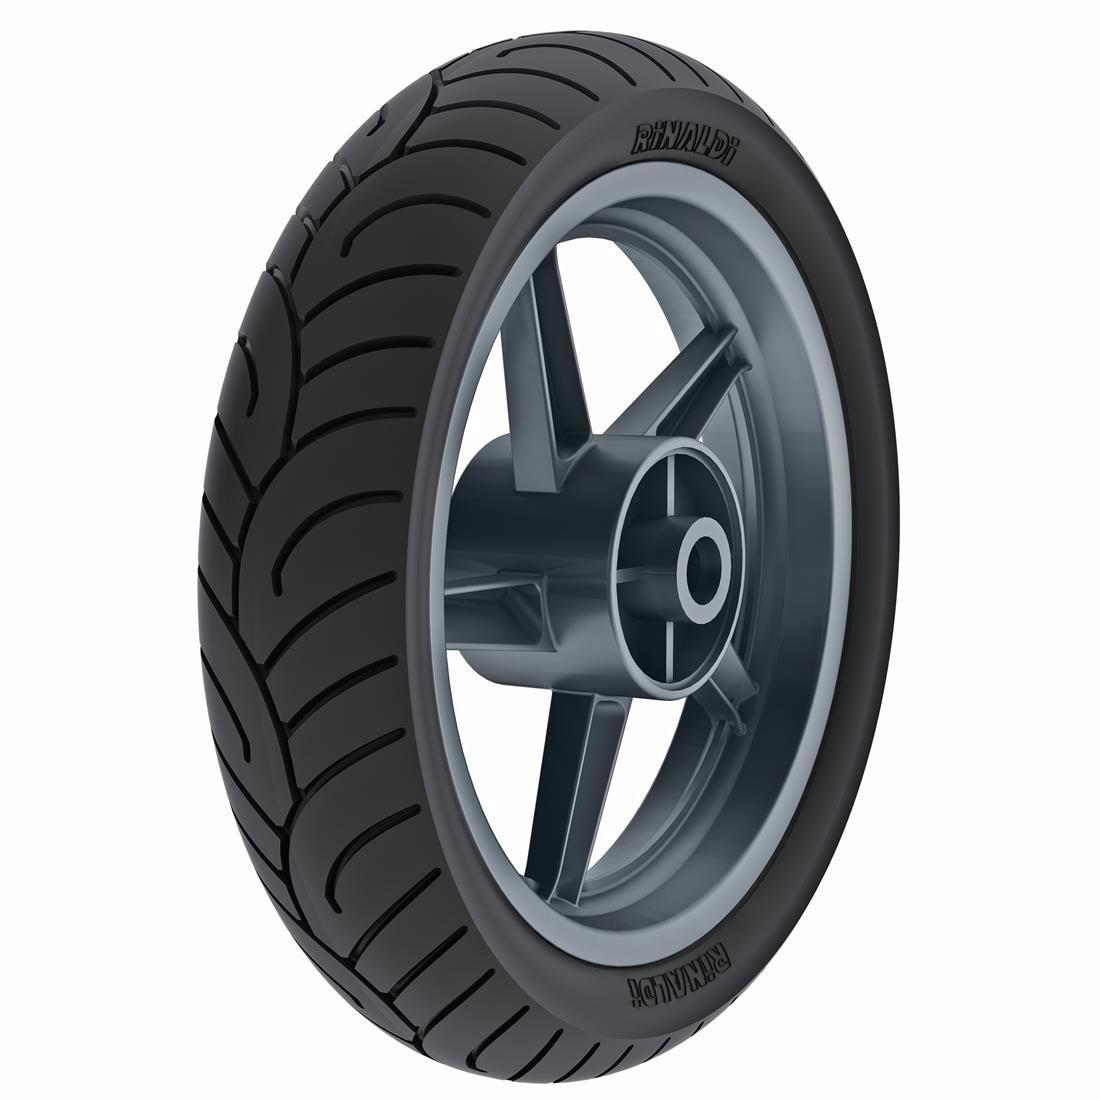 pneu twister fazer250 130 70 17 traseiro hb 37 rinaldi r 291 36 em mercado livre. Black Bedroom Furniture Sets. Home Design Ideas